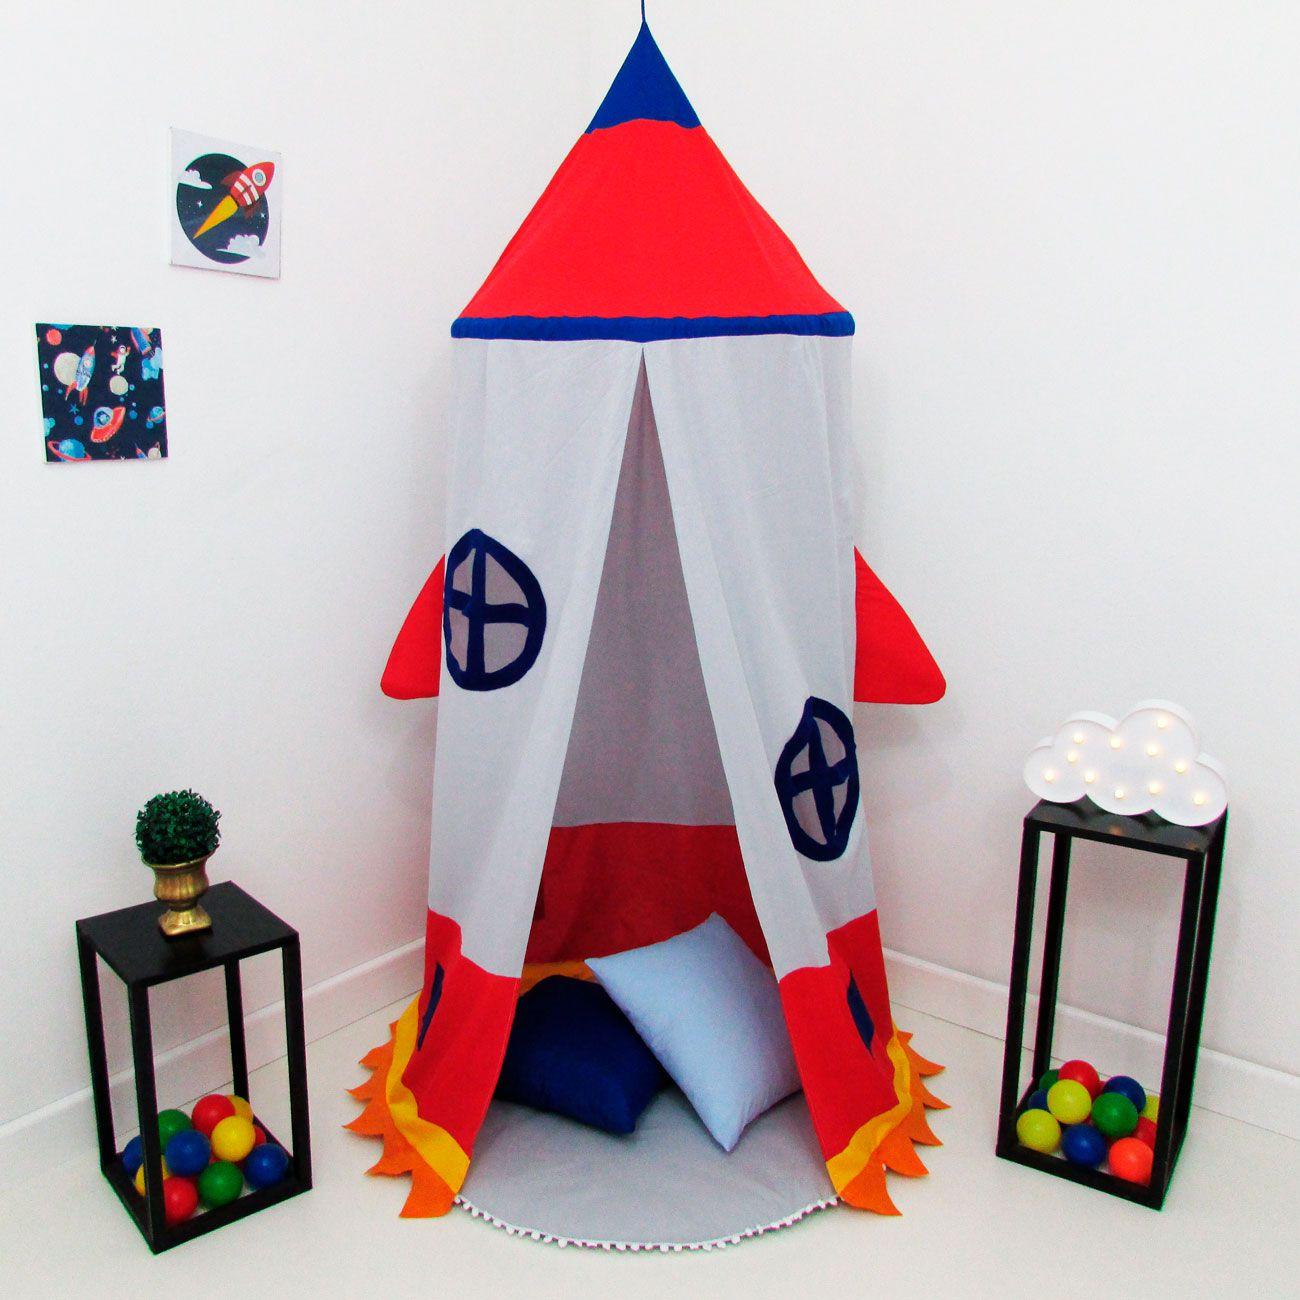 Kit 4 Peças Tenda Cabaninha de Teto Infantil Foguete Janelinha com Tapete e Almofada Azul e Vermelho